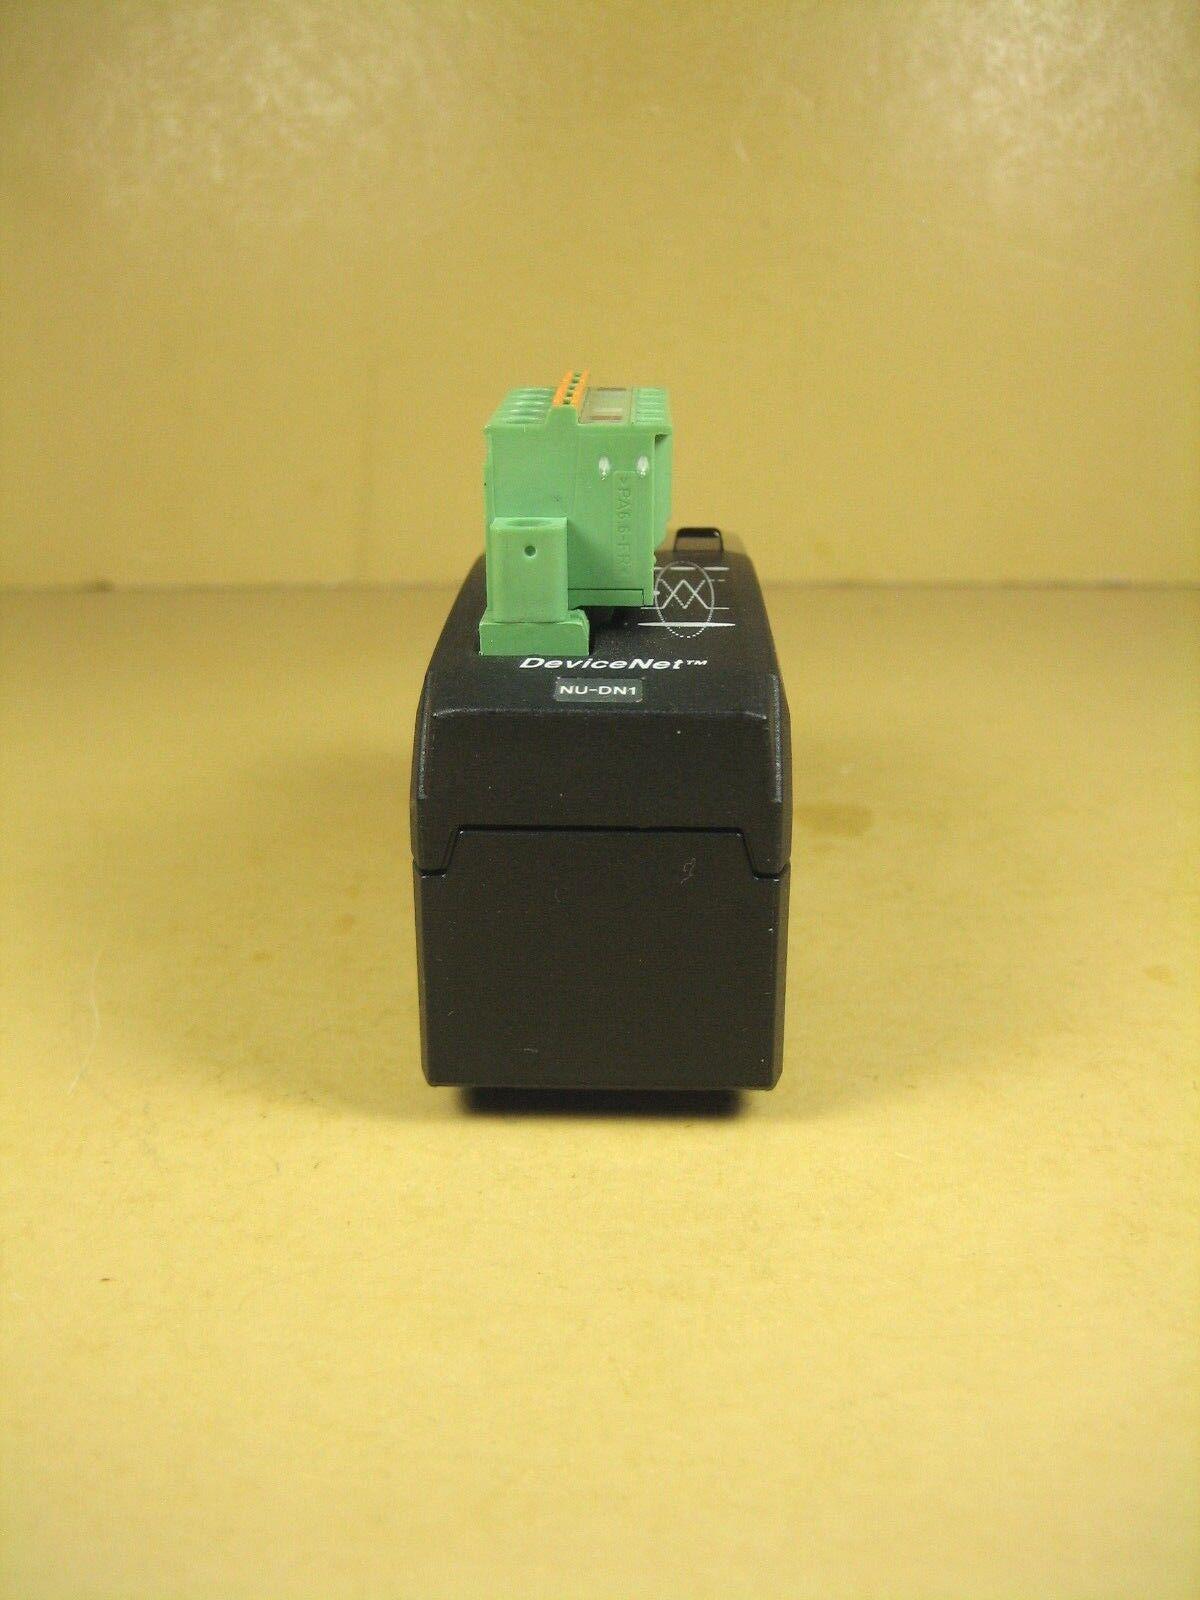 KEYENCE CORP NU-DN1 NUDN1 NEW IN BOX